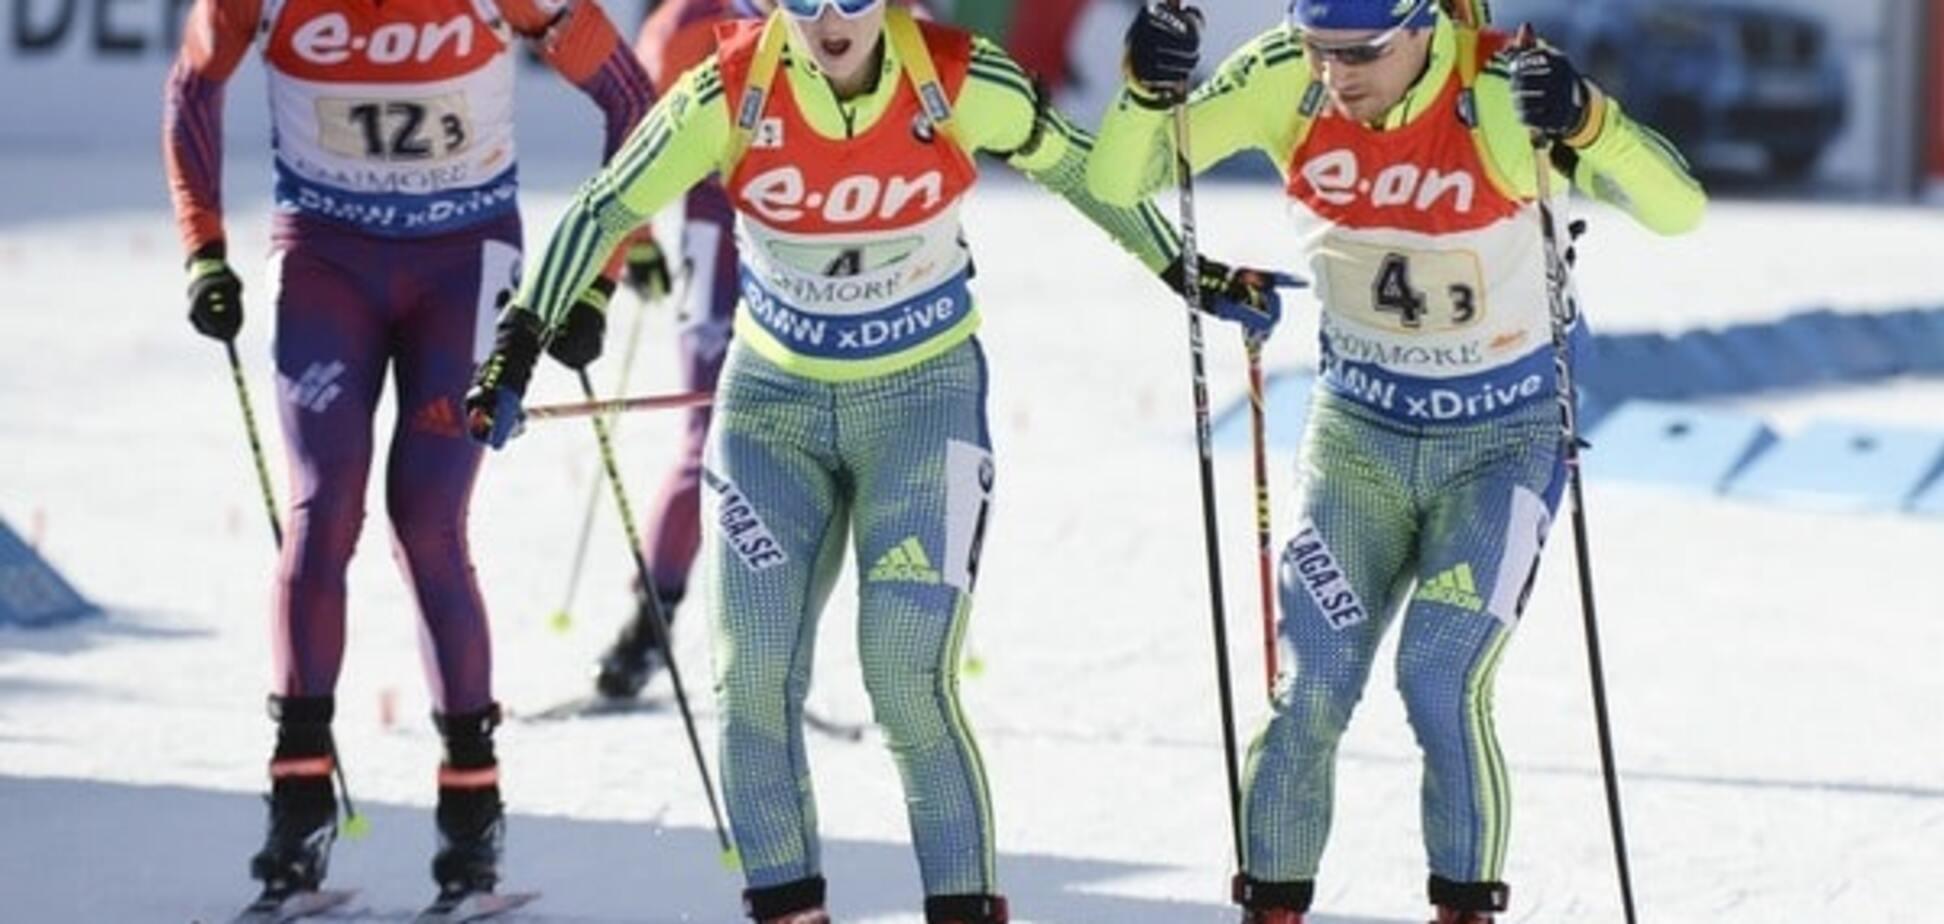 Украина вошла в семерку лучших на эстафете Кубка мира по биатлону